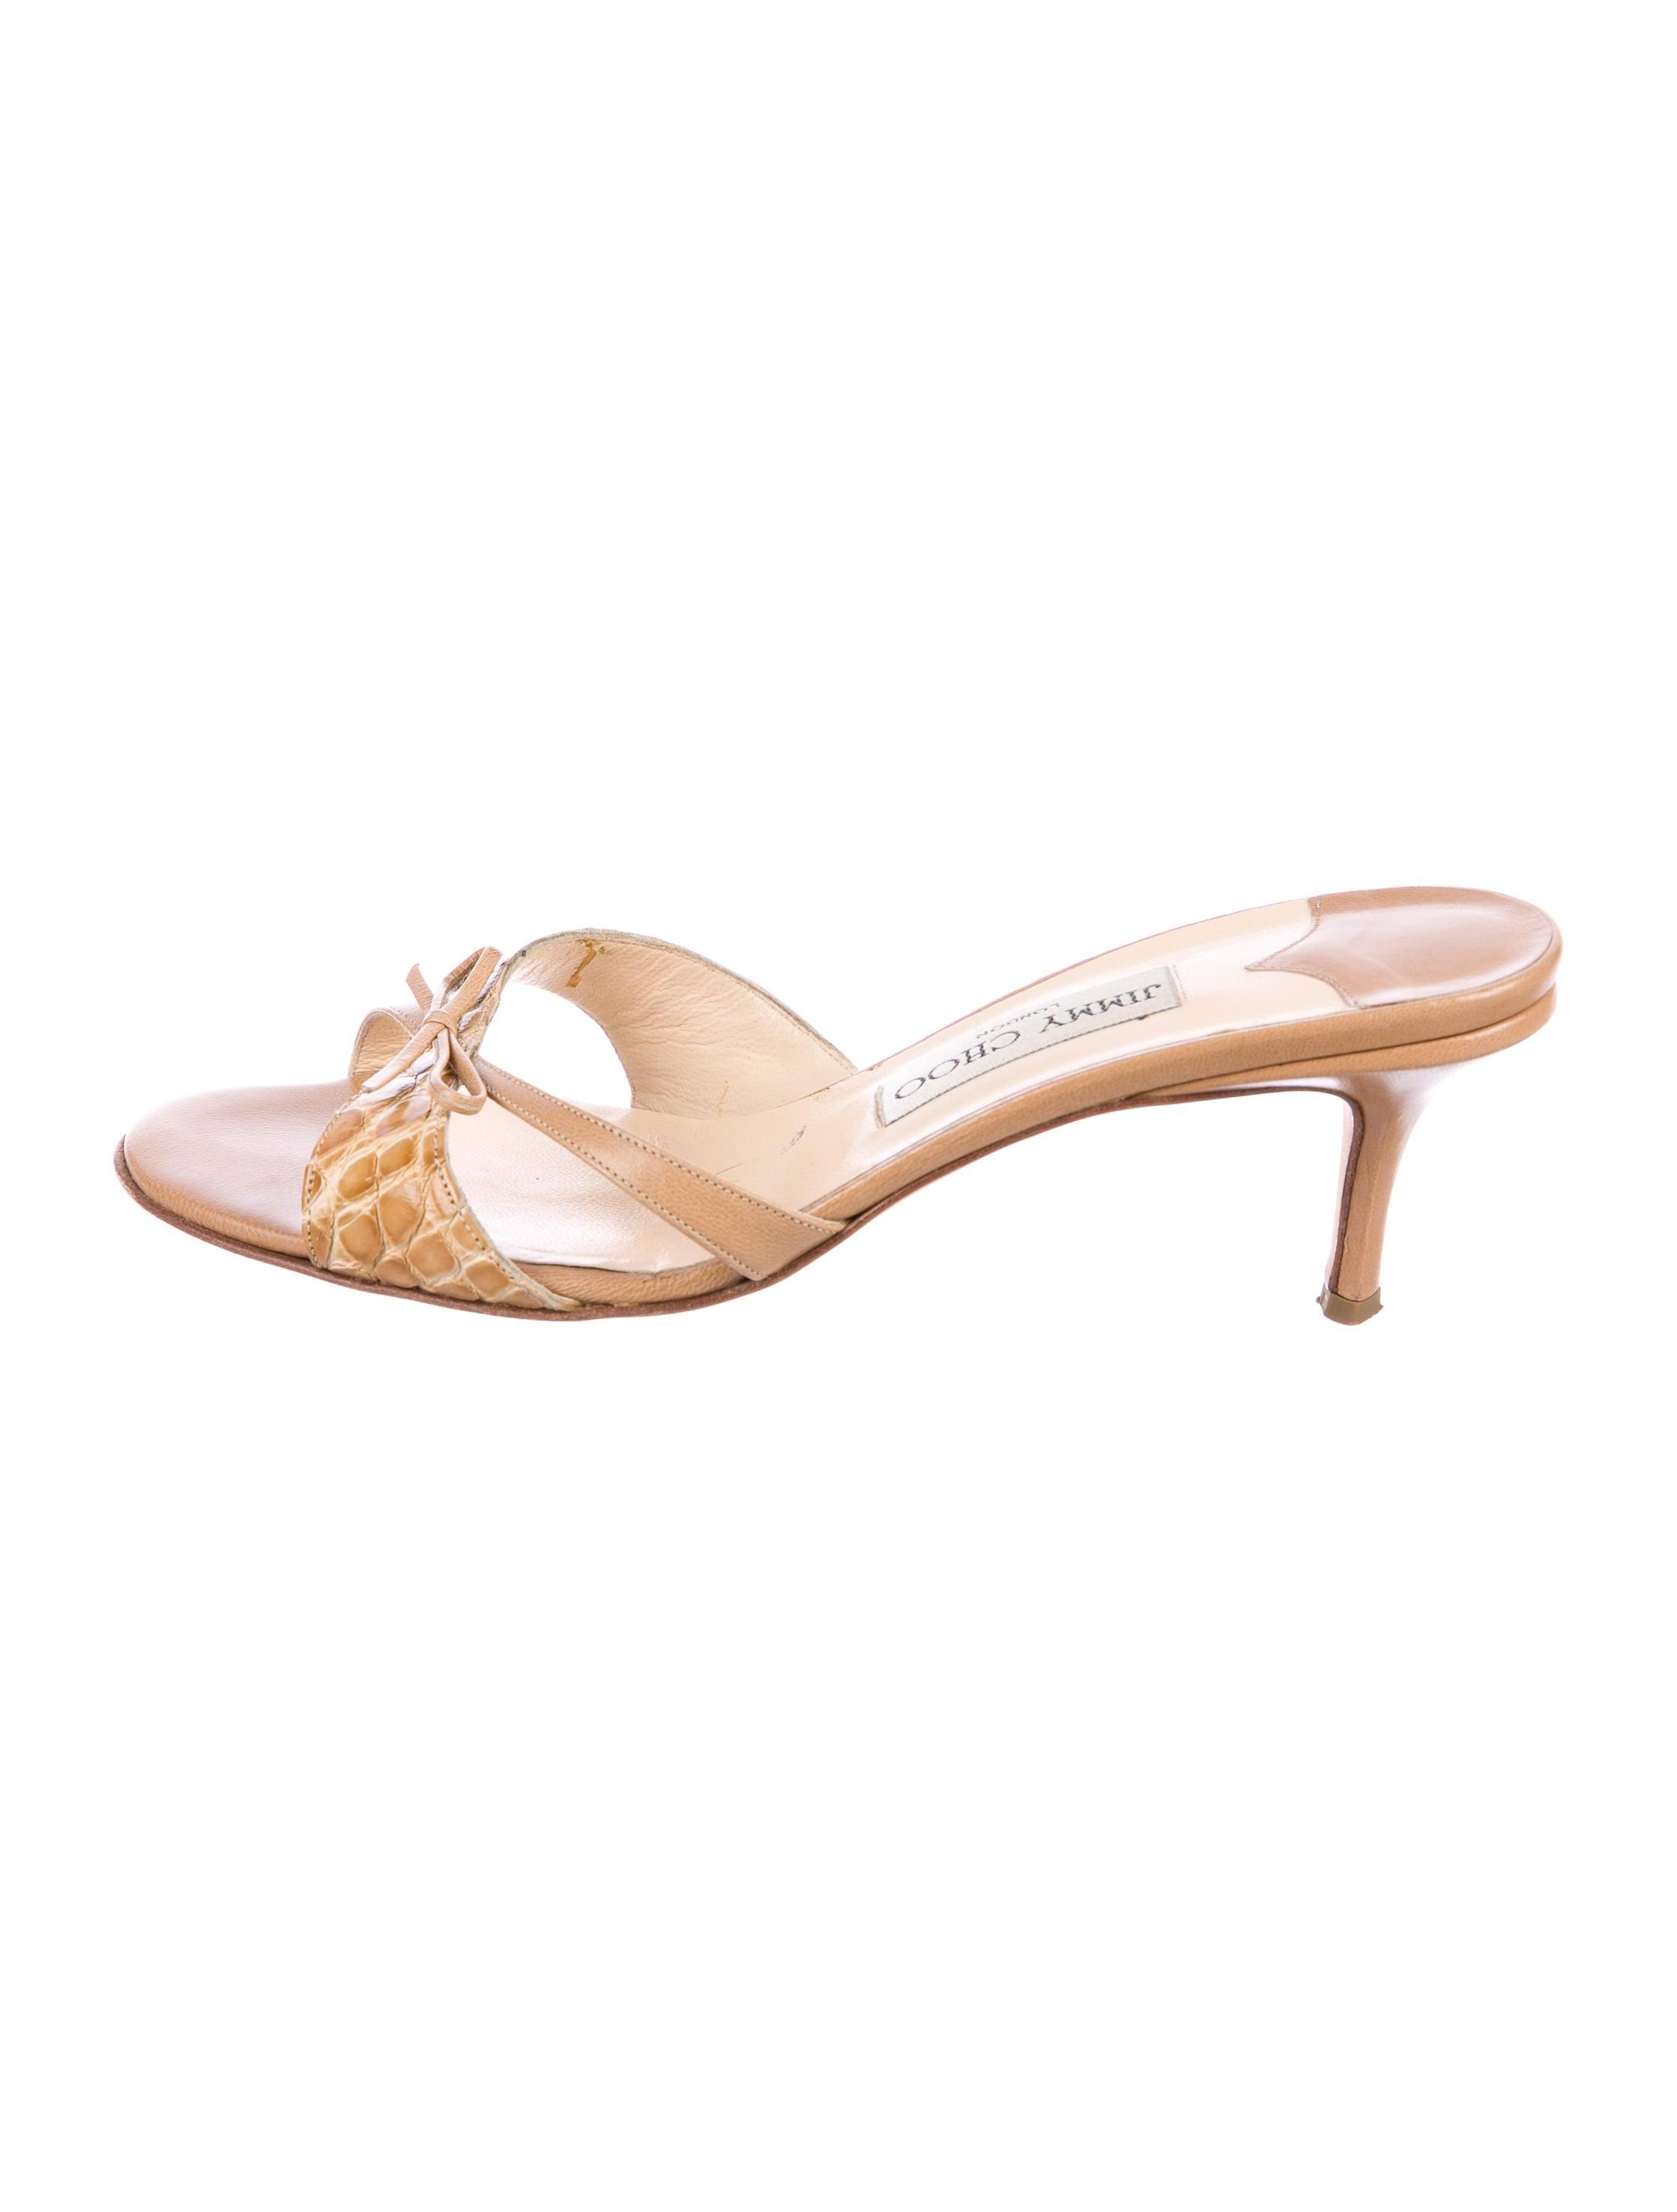 clearance best Jimmy Choo Alligator Slide Sandals cheap sale browse finishline for sale shop online wjDKbGeU